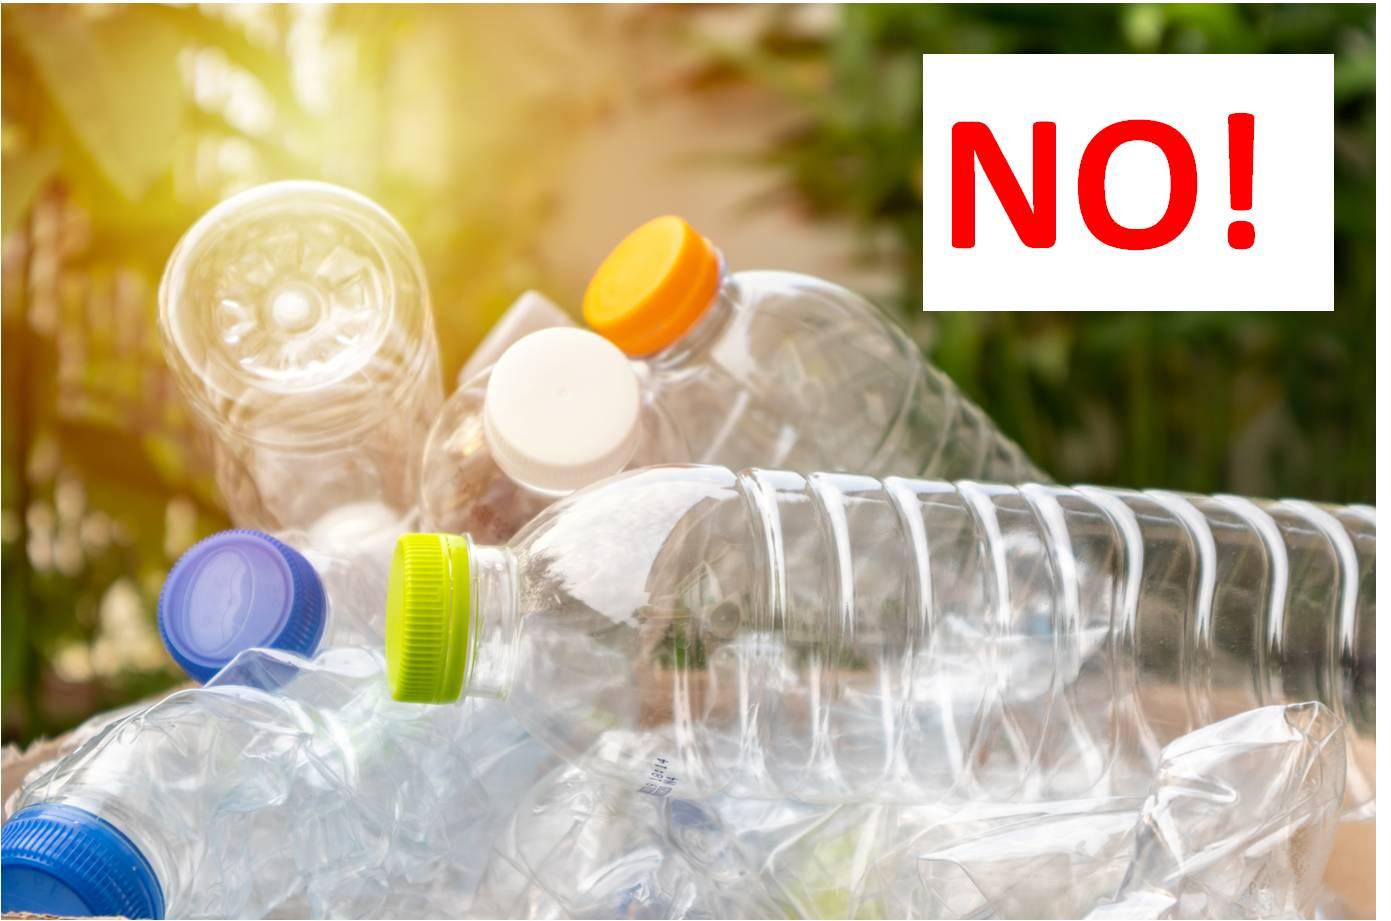 Csapvíz a környezetbarát választás